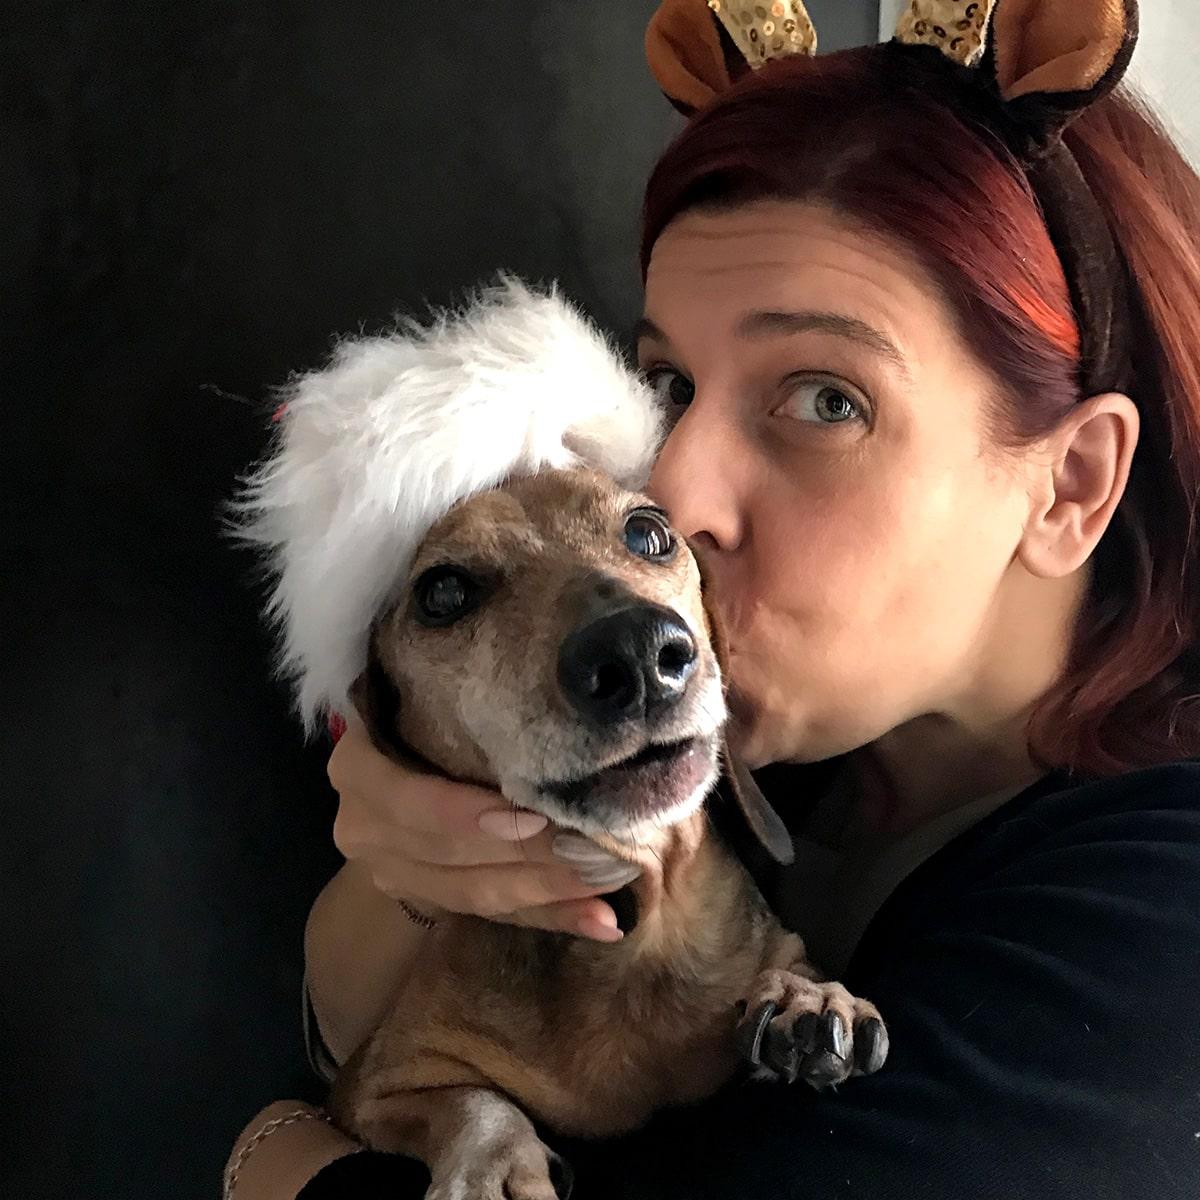 regalare-un-cucciolo-per-natale